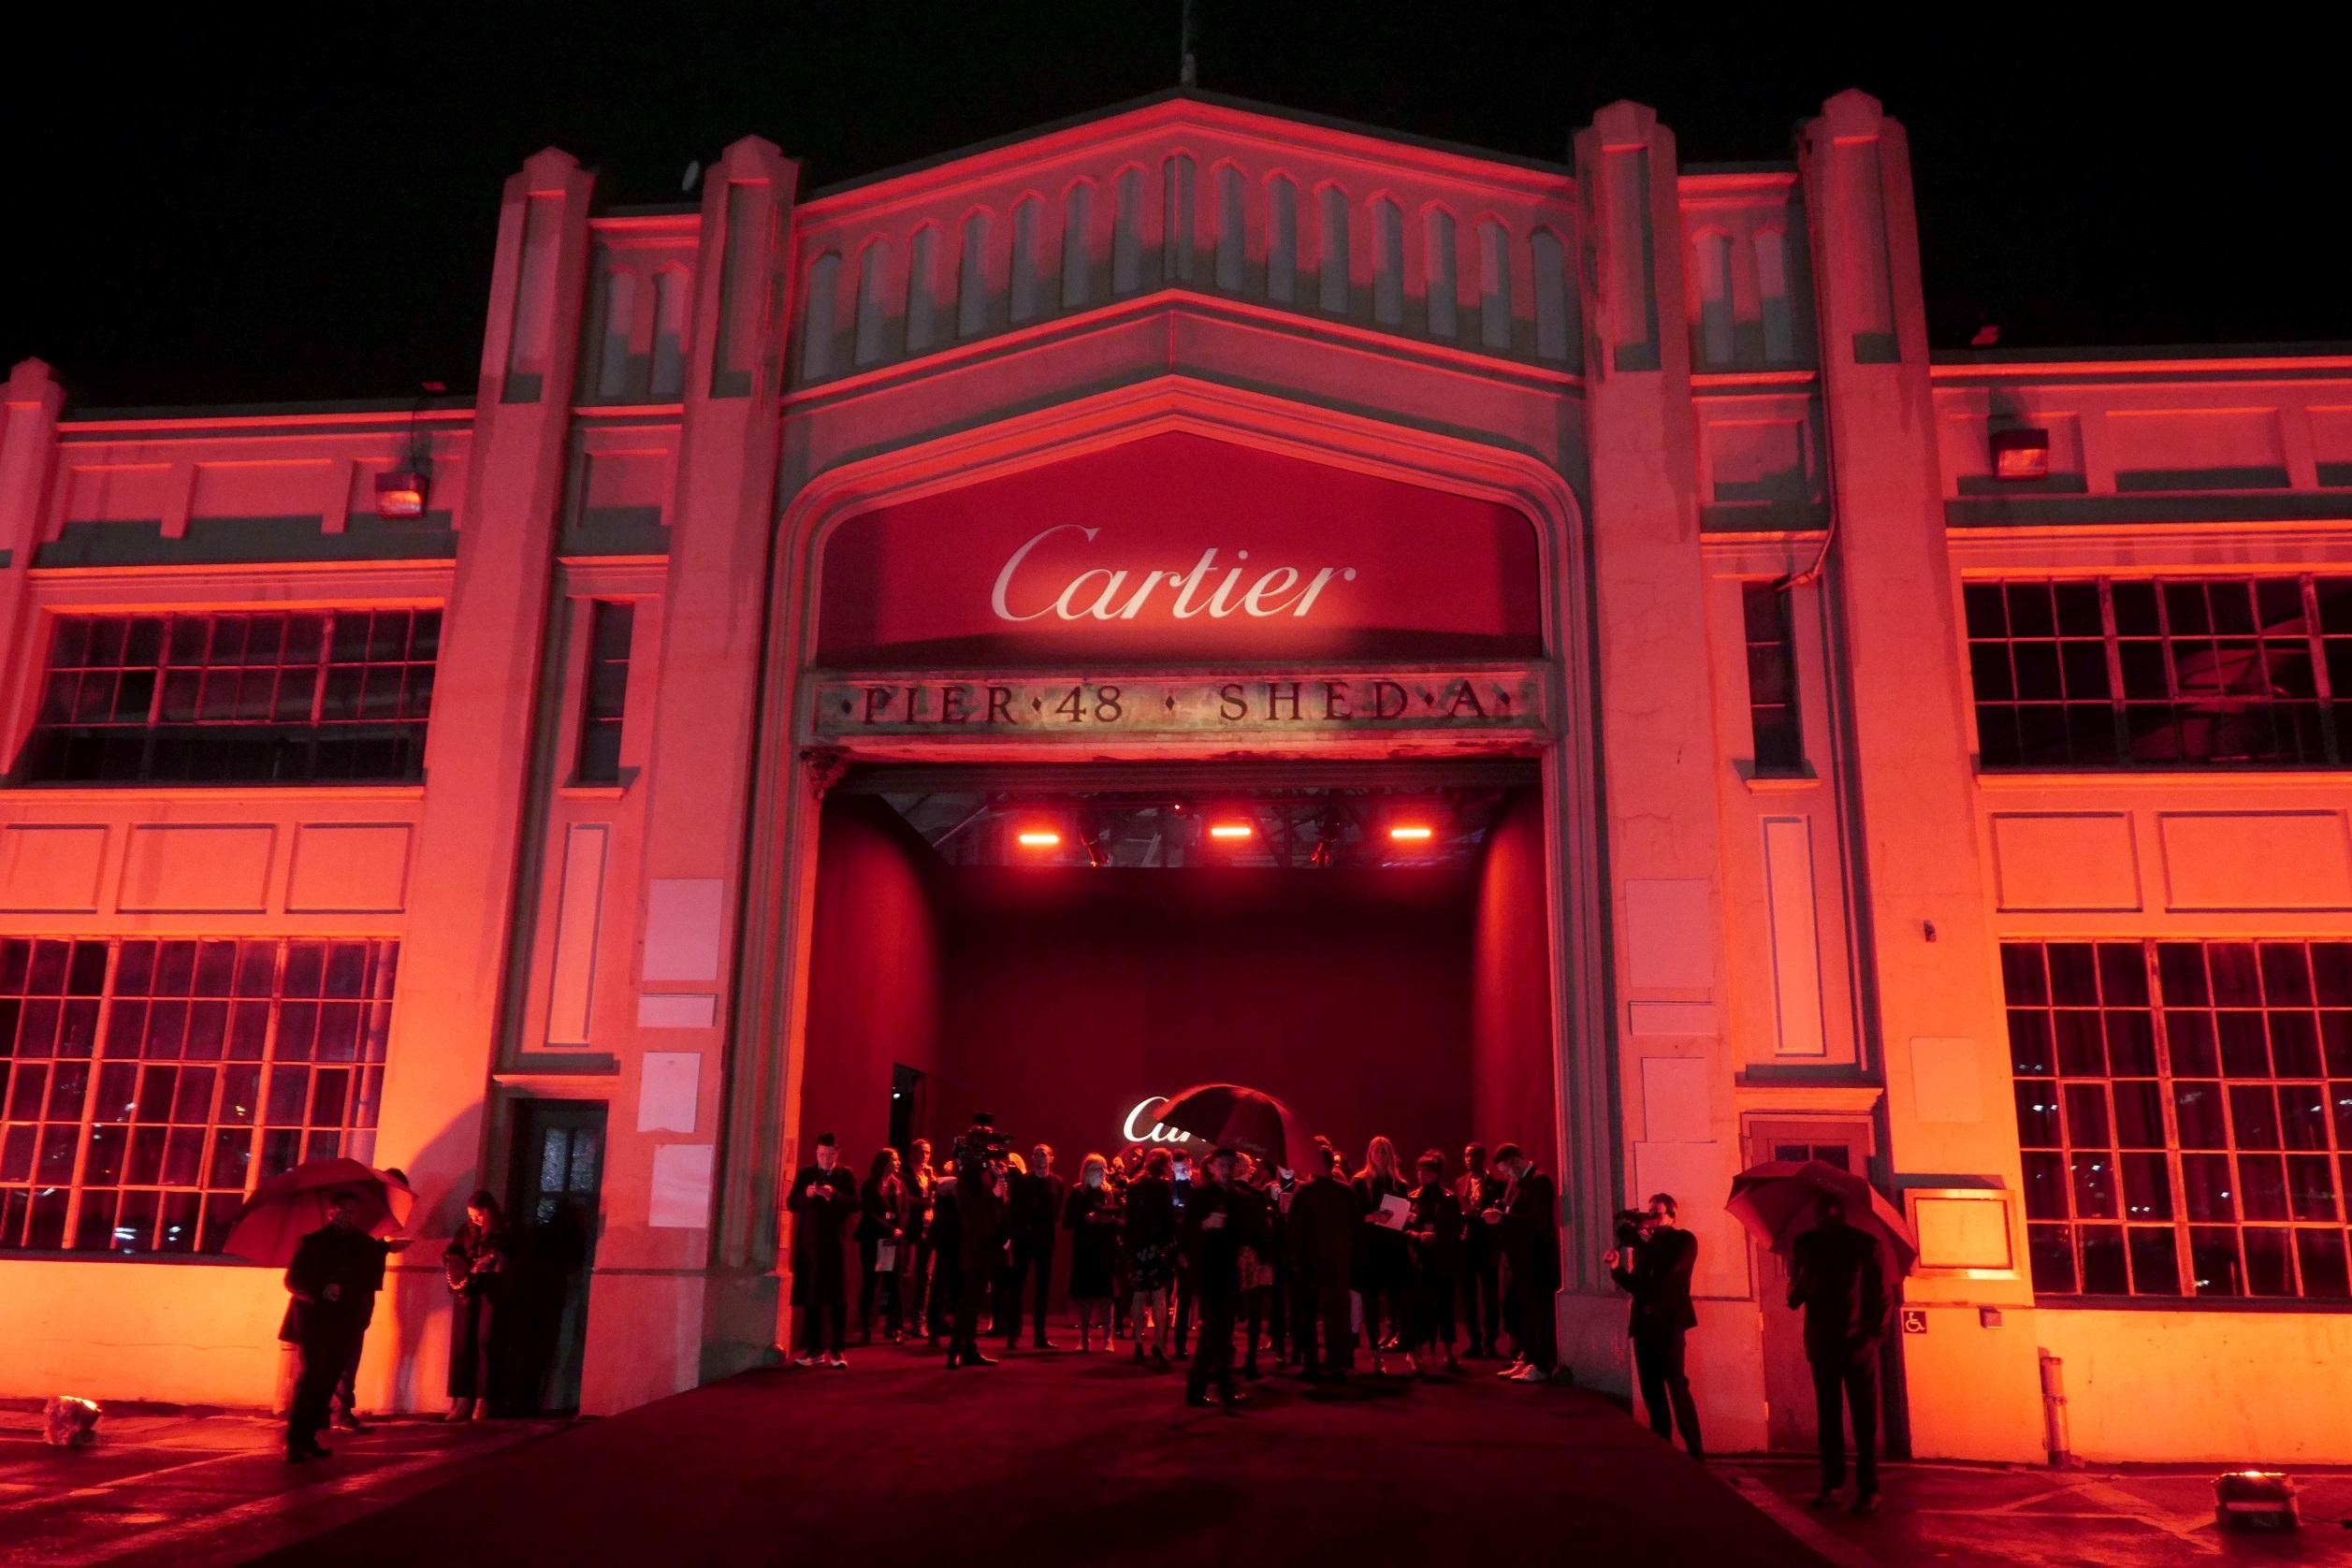 Cartier realizó hace un par de semanas el lanzamiento a nivel internacional de su nuevo modelo Santos de Cartier. Homenaje a Alberto Santos Dumont, piloto brasileño amigo personal de Louis Cartier, y quien comisionara un reloj de pulso para ser usado durante sus vuelos,